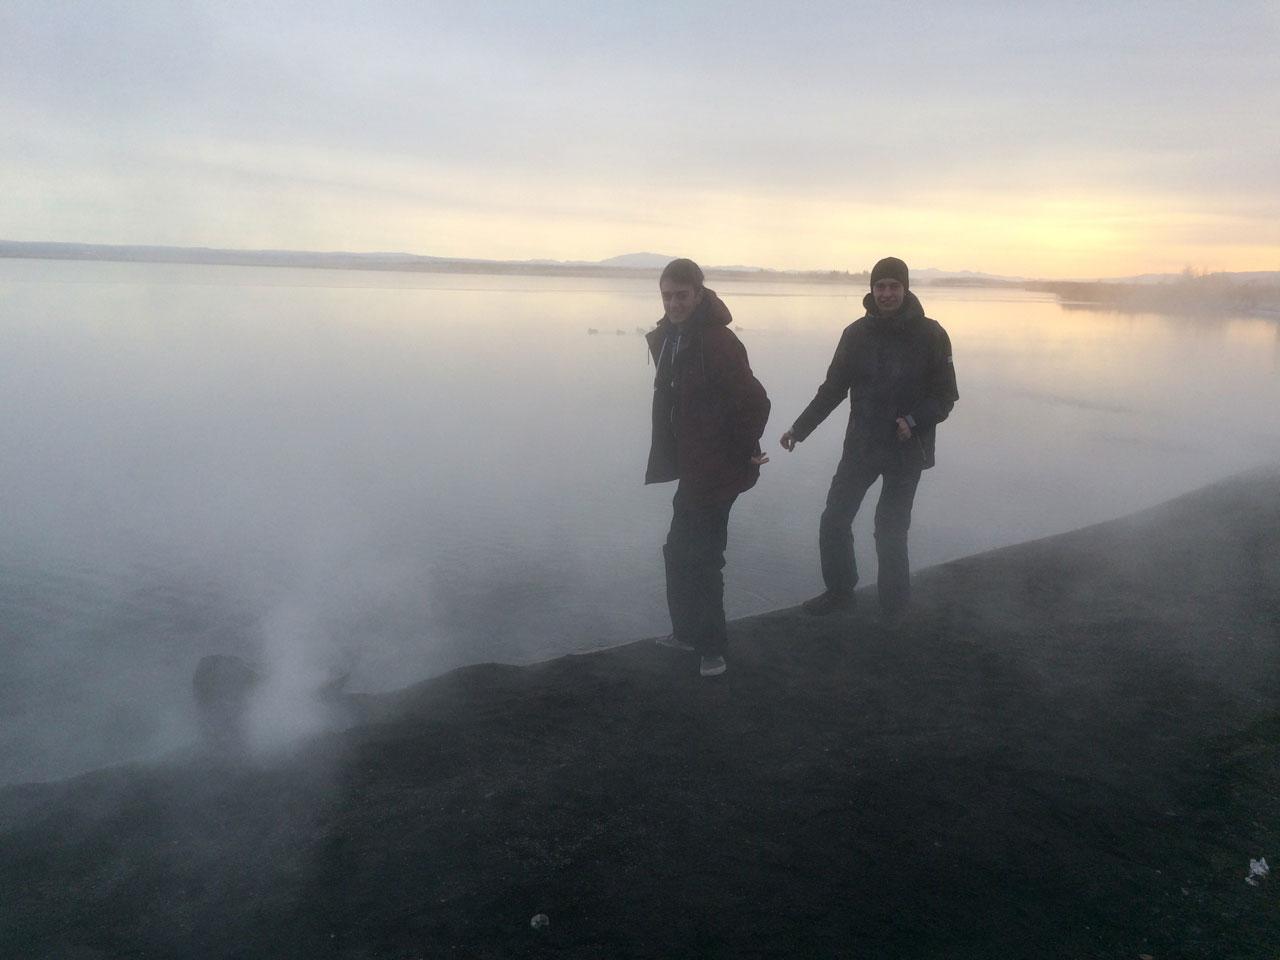 """""""Дымящееся"""" озеро - впервые вижу снег и теплое озеро. Для меня это некоторое чудо"""